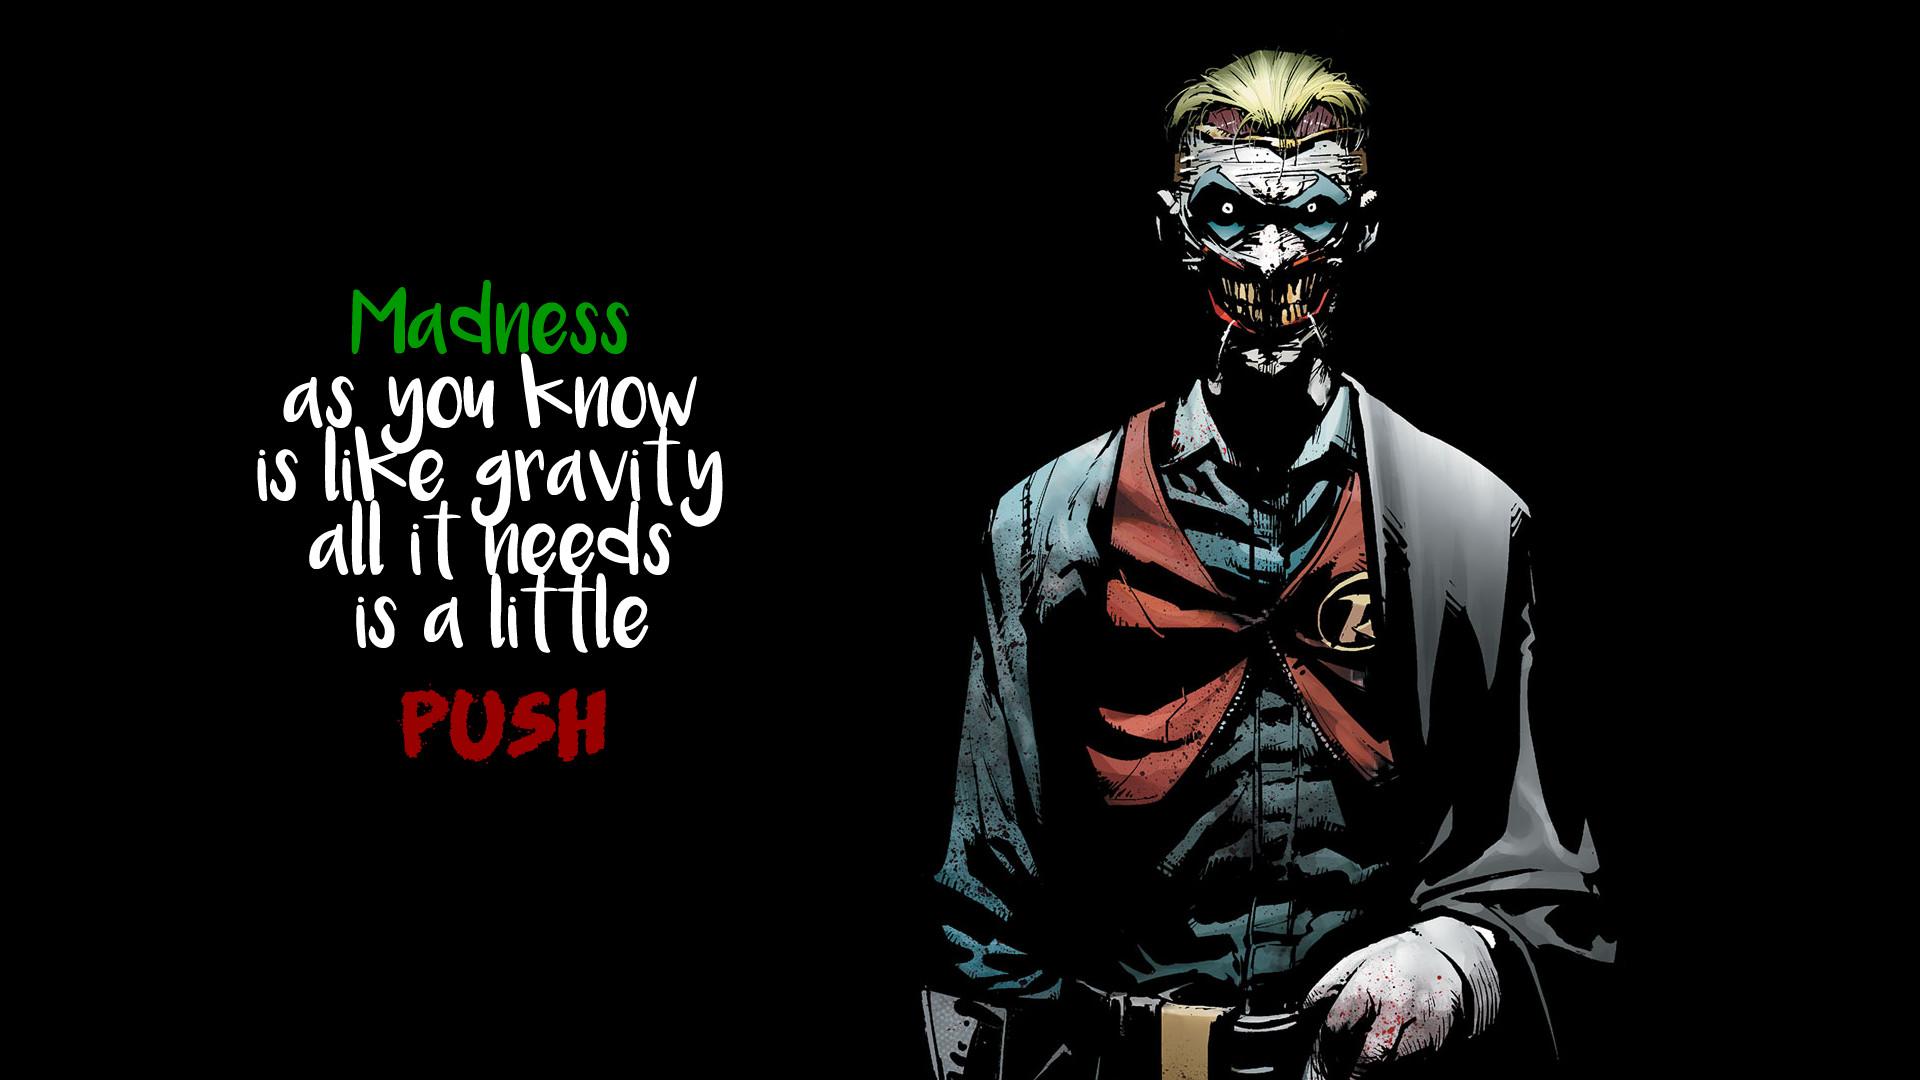 General Joker quote